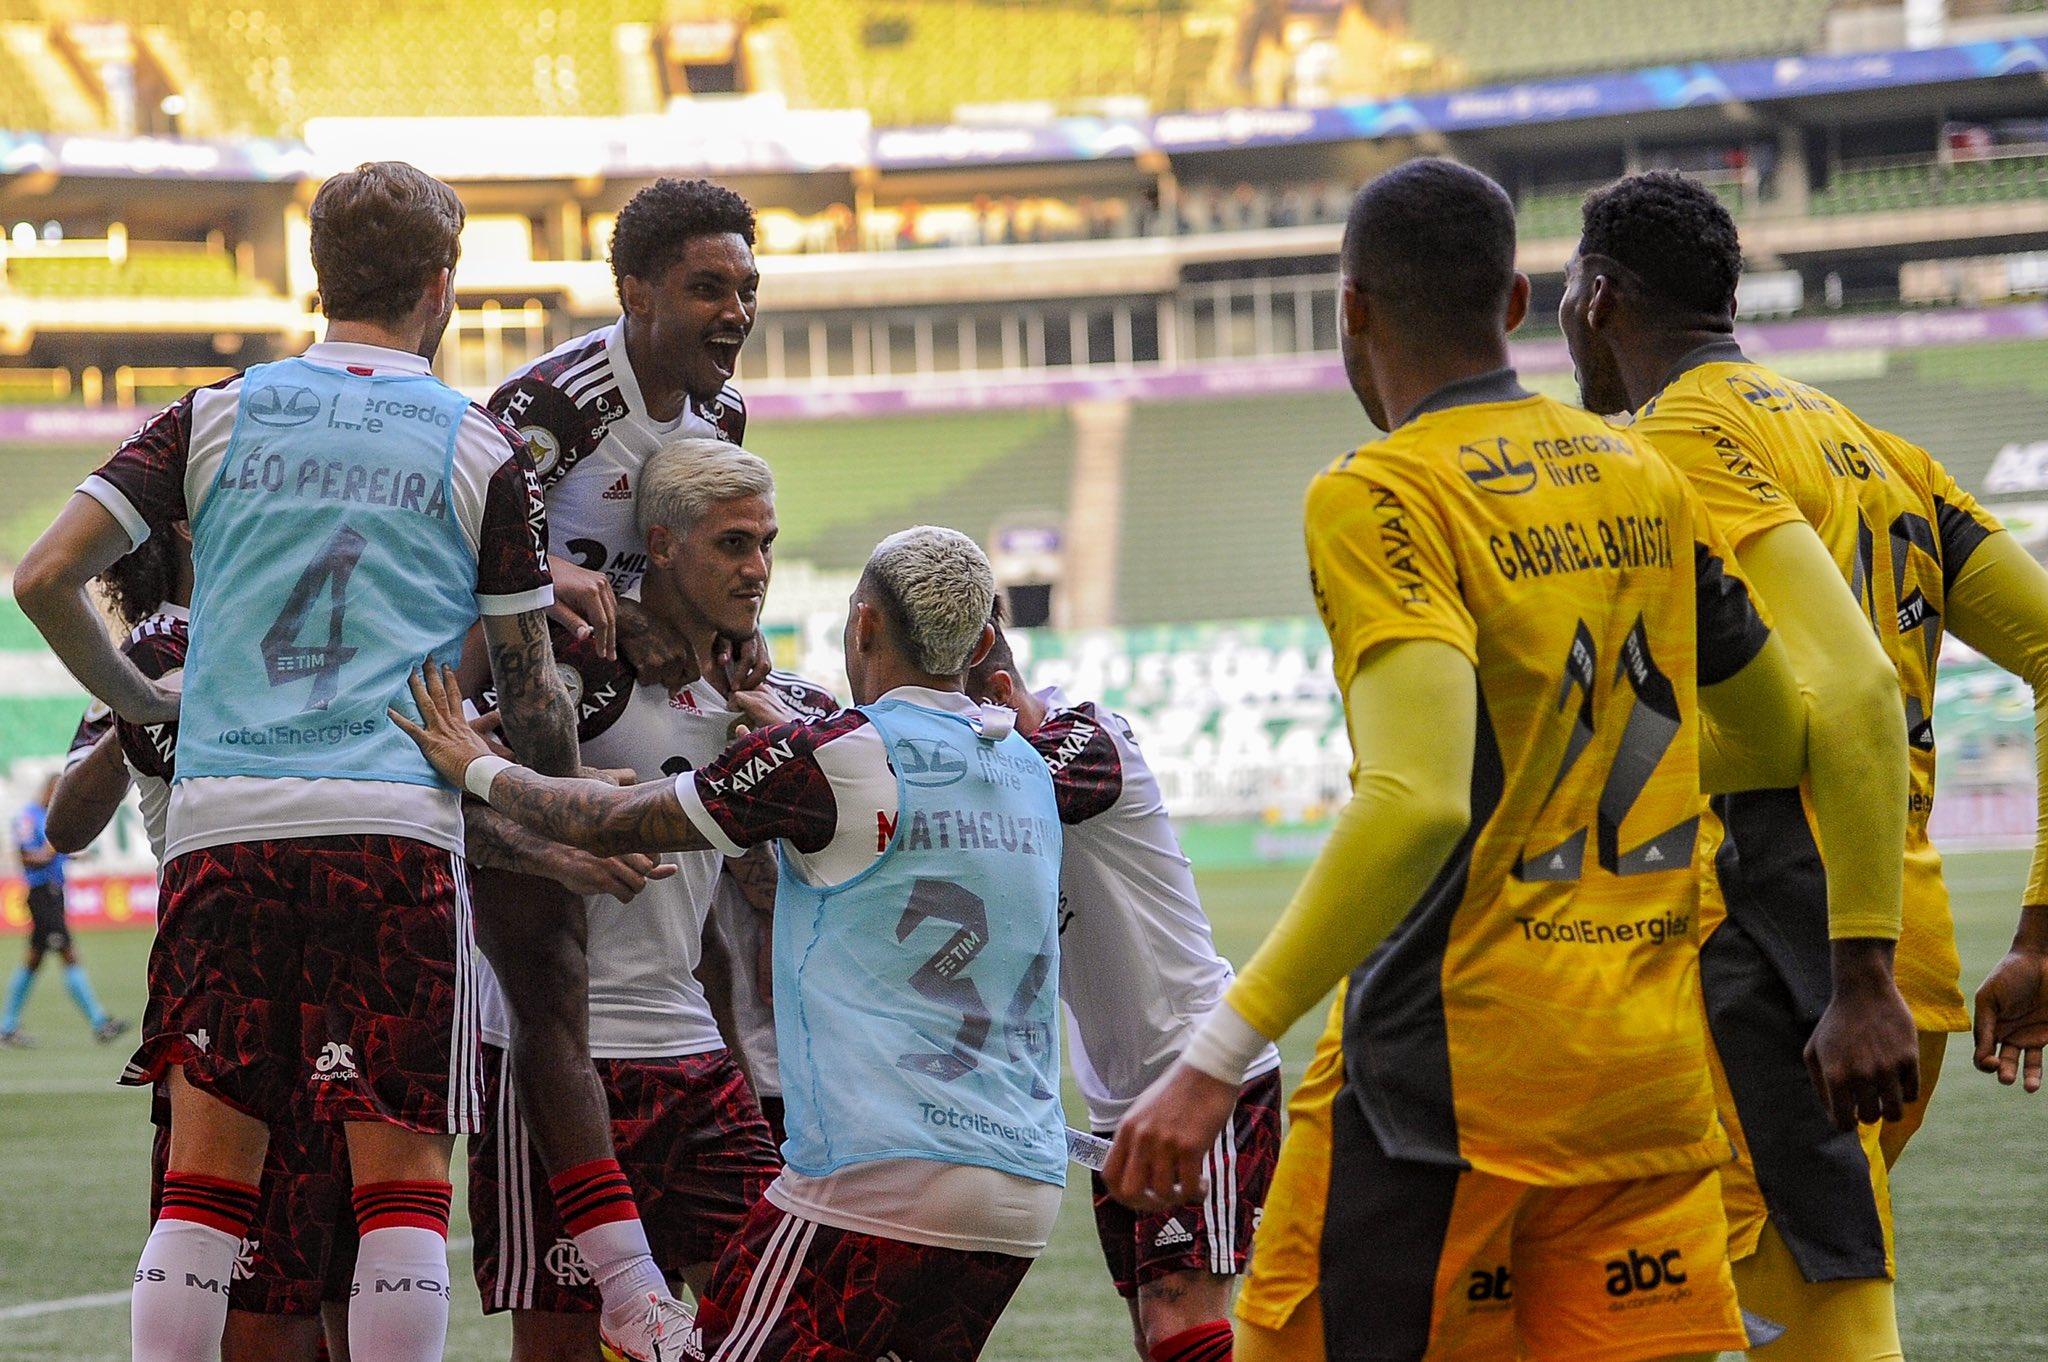 Não assistiu ao jogo? Leia aqui o resumo e ficha técnica da partida entre Palmeiras e Flamengo pelo Campeonato Brasileiro